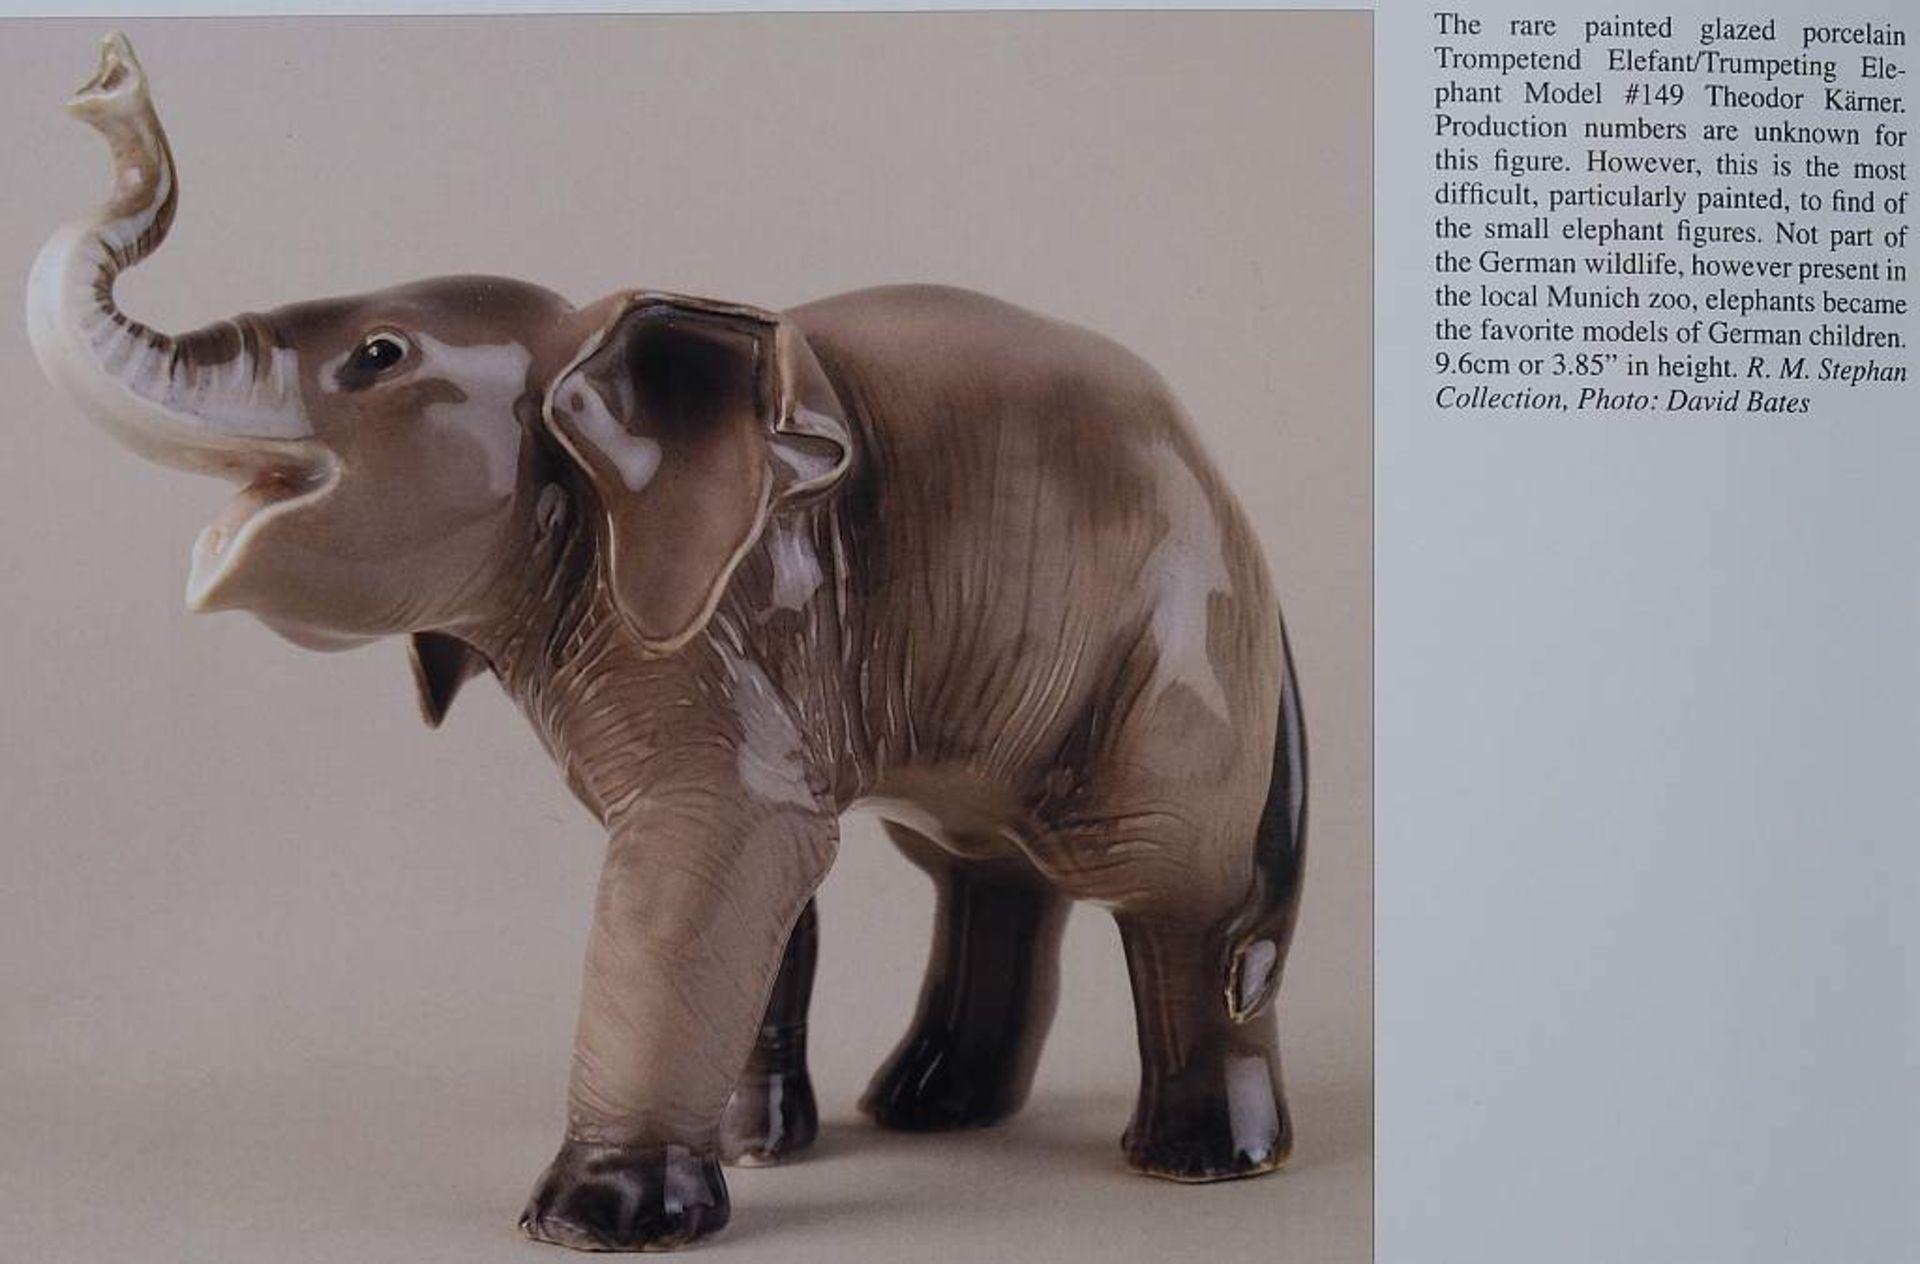 """Sehr seltene Tiefigur """"Elefant, trompetend"""", ALLACH. Sehr seltene Tiefigur """"Elefant, trompetend"""", - Bild 11 aus 12"""